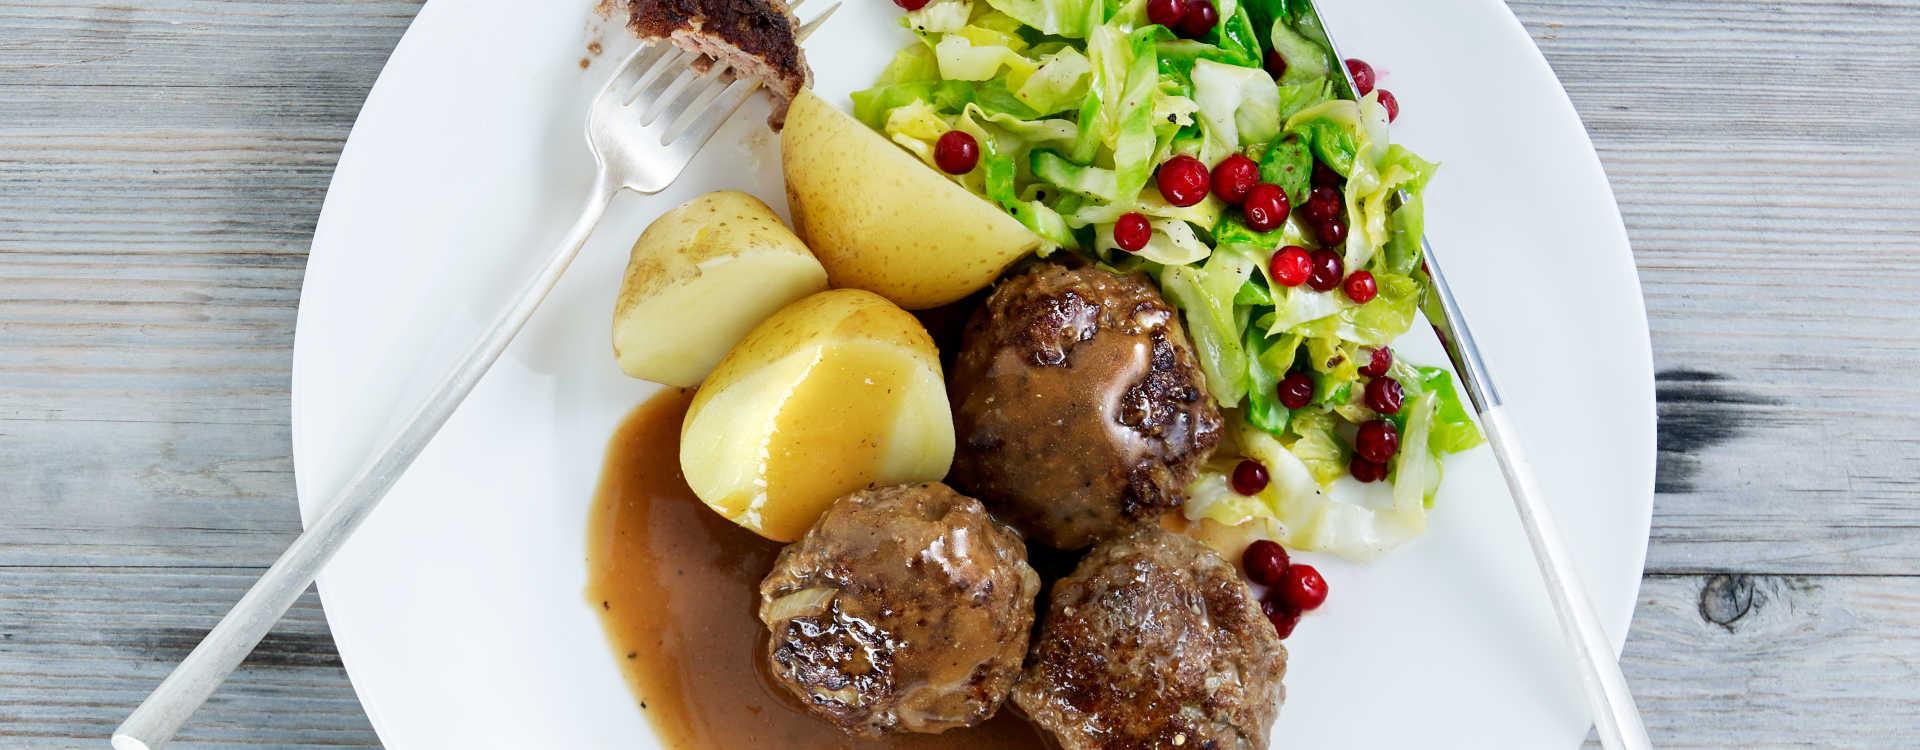 Kjøttkaker med poteter og kål med tyttebær